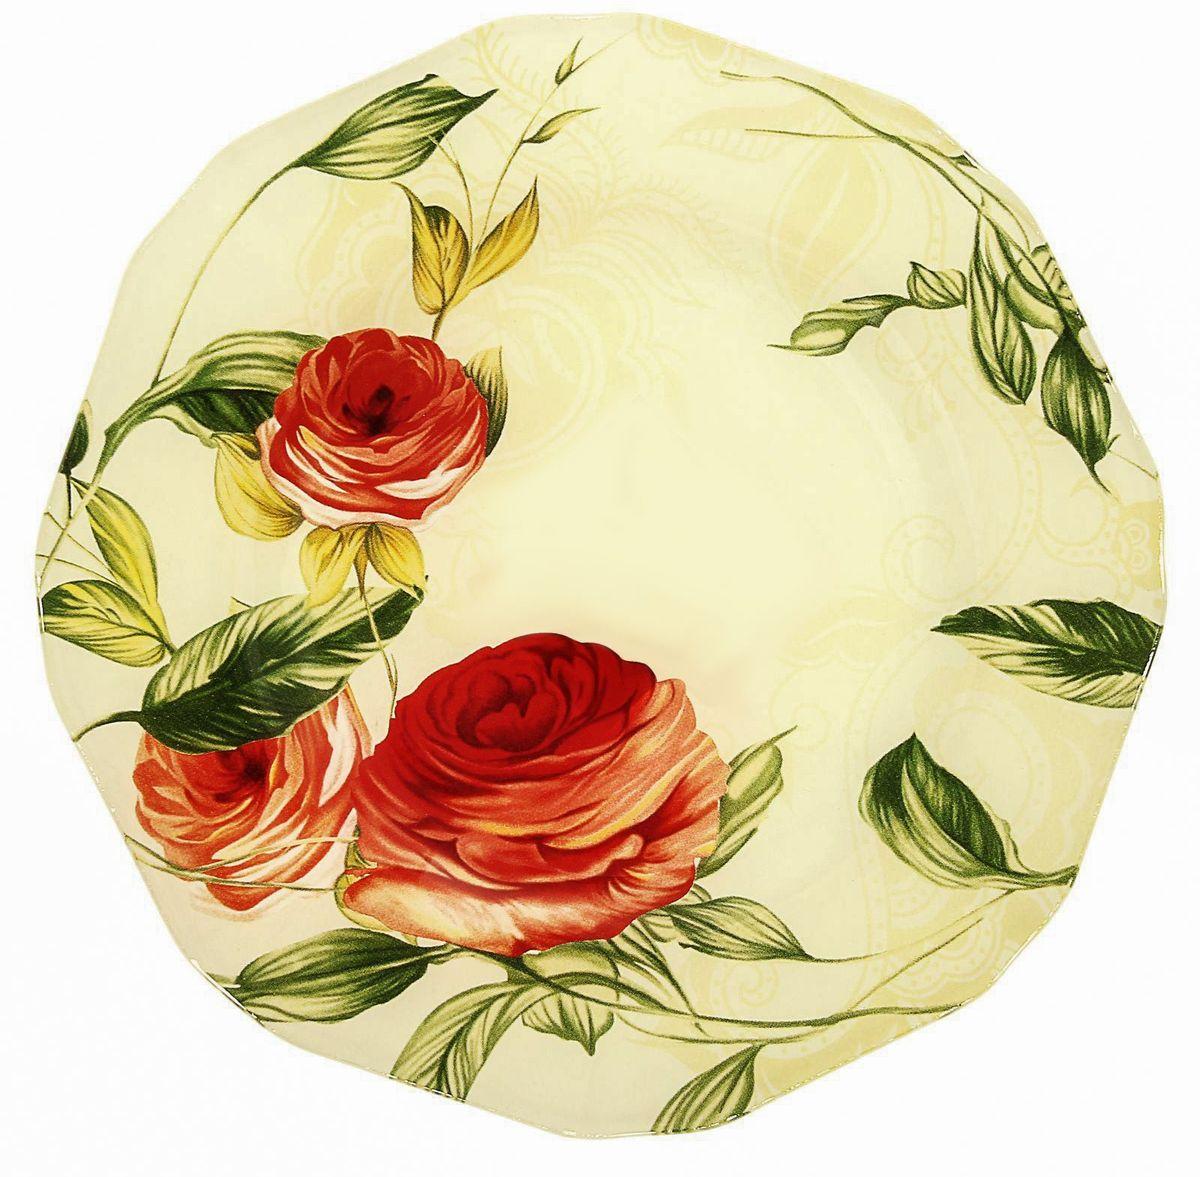 Тарелка десертная Доляна Чайная роза, диаметр 20 см230579Столовая посуда с природными мотивами в оформлении разнообразит интерьер кухни и сделает застолье самобытным и запоминающимся. Достоинства: качественное стекло не впитывает запахов; гладкая поверхность обеспечивает лёгкость мытья; яркий дизайн порадует ценителей стиля фолк. Рекомендуется избегать использования абразивных моющих средств. Делайте любимый дом уютнее!